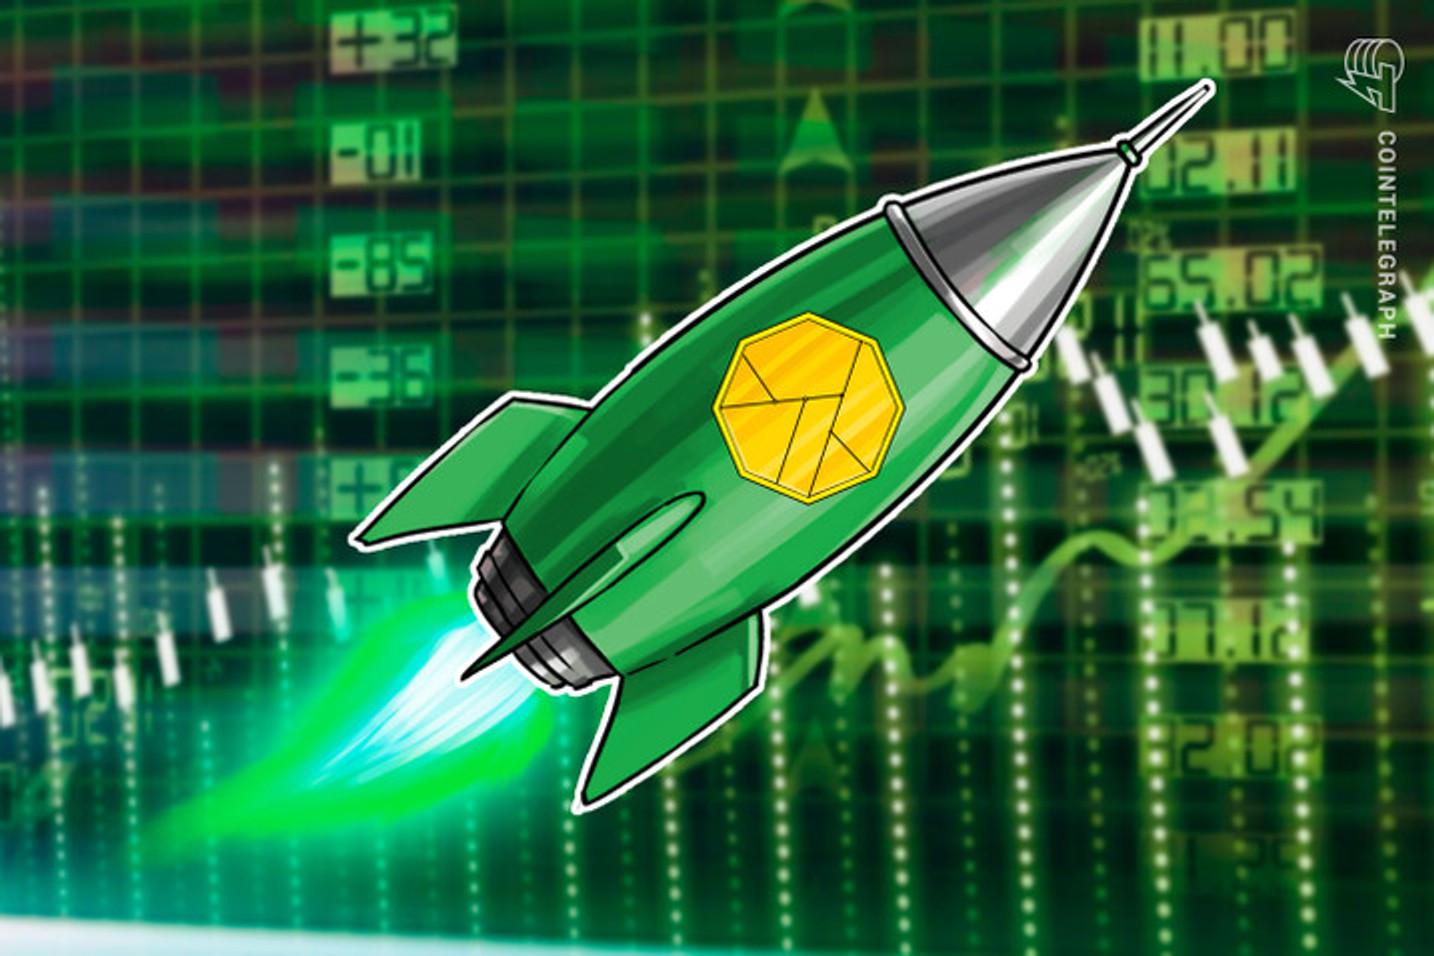 Mercado Bitcoin recebe aporte da GP Investimentos e investirá R$ 200 milhões em expansão internacional